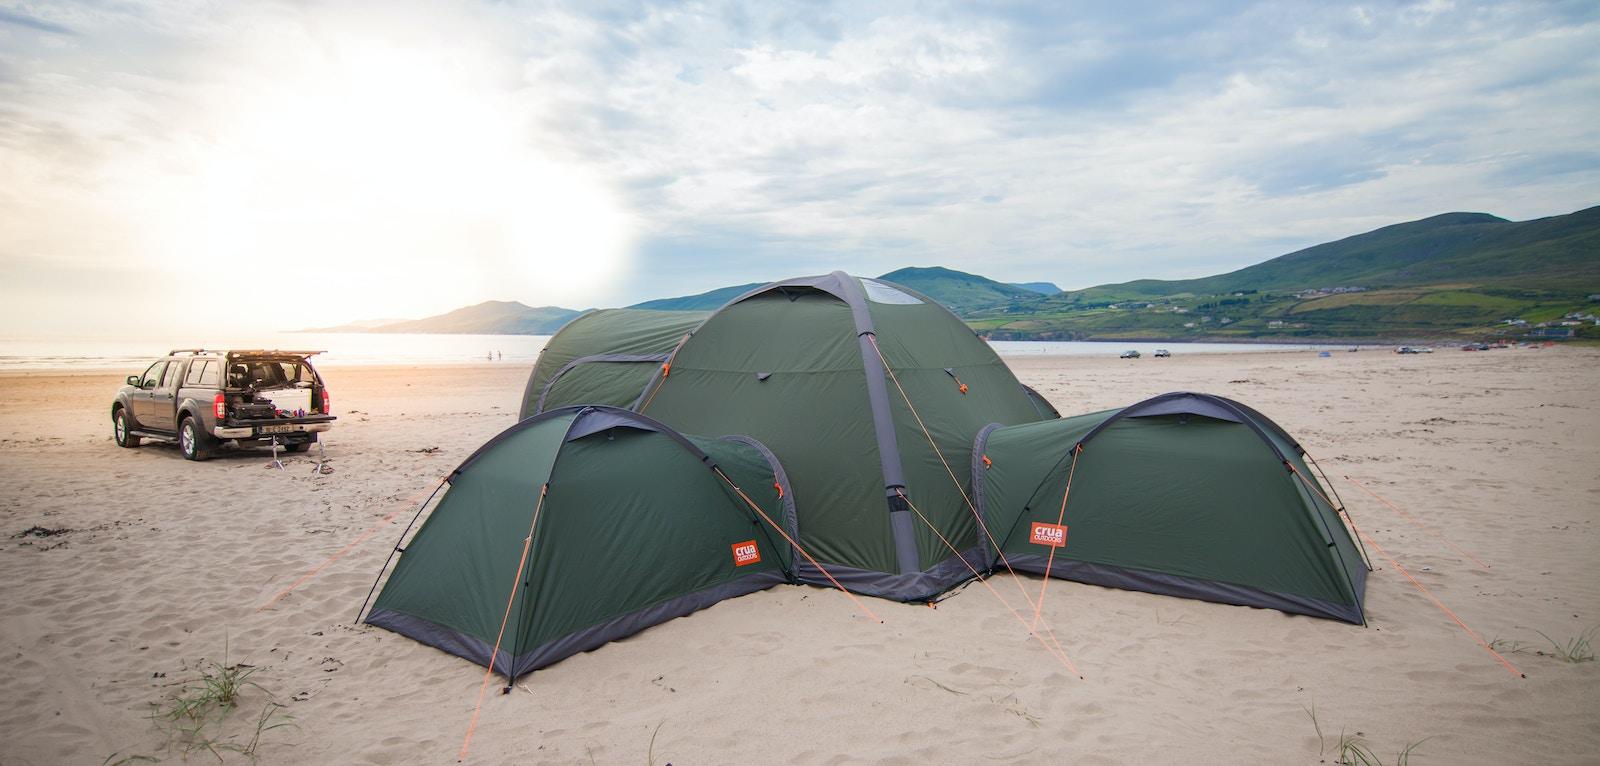 Top 11 Assistive Camping Essentials